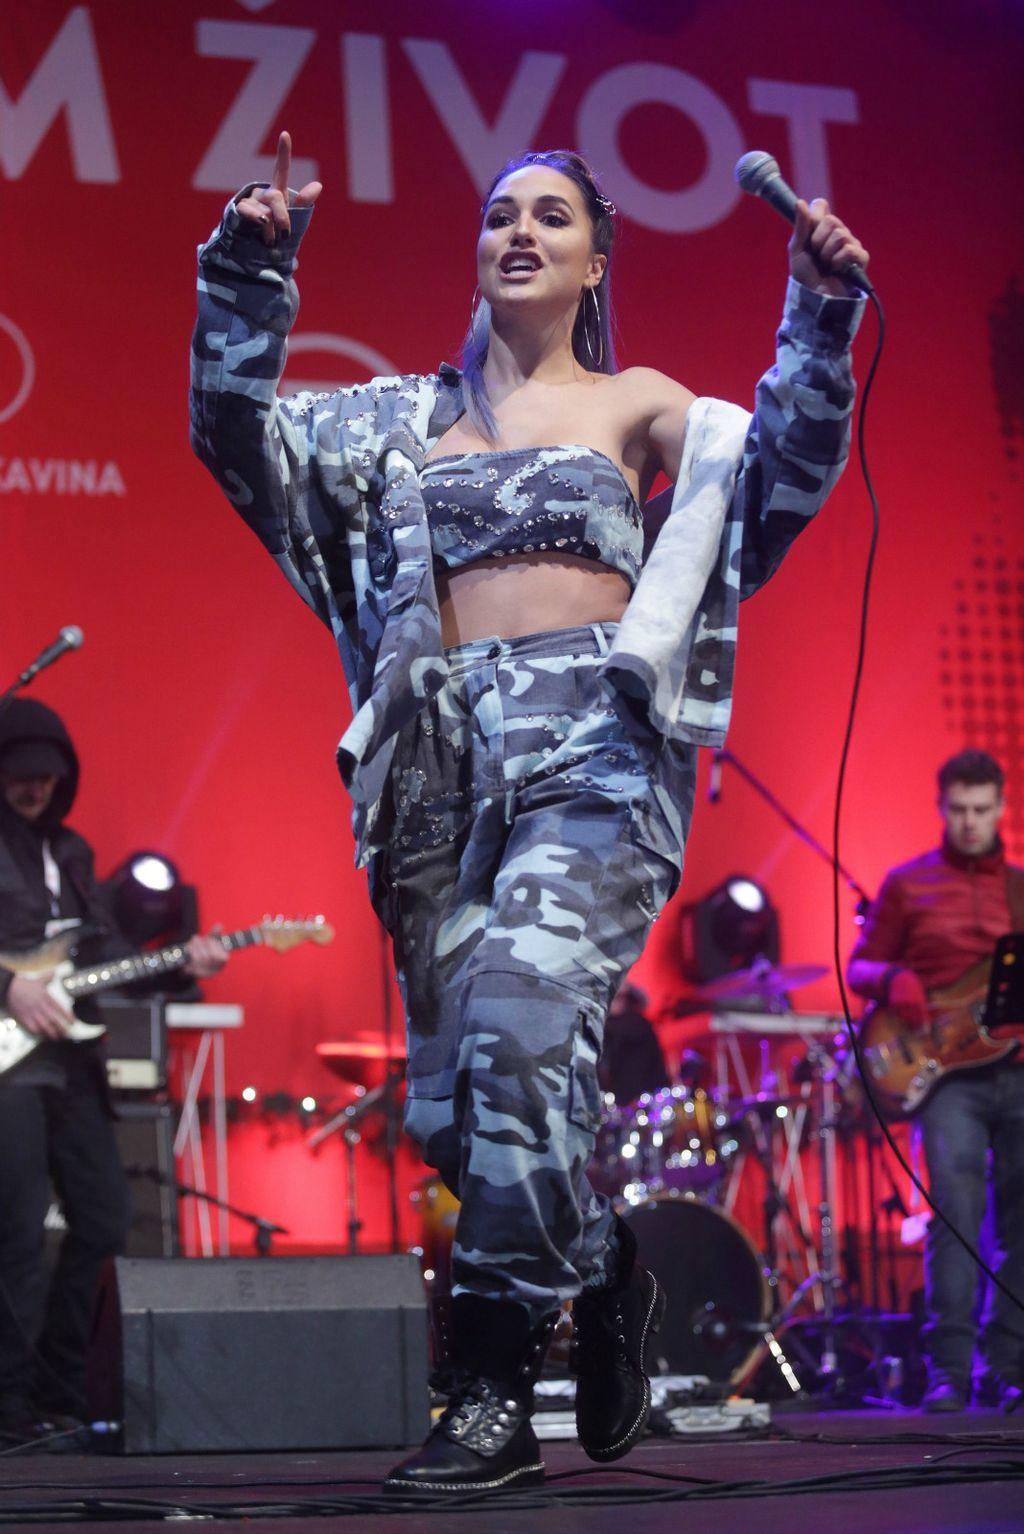 Lana na koncertu 'Želim život'